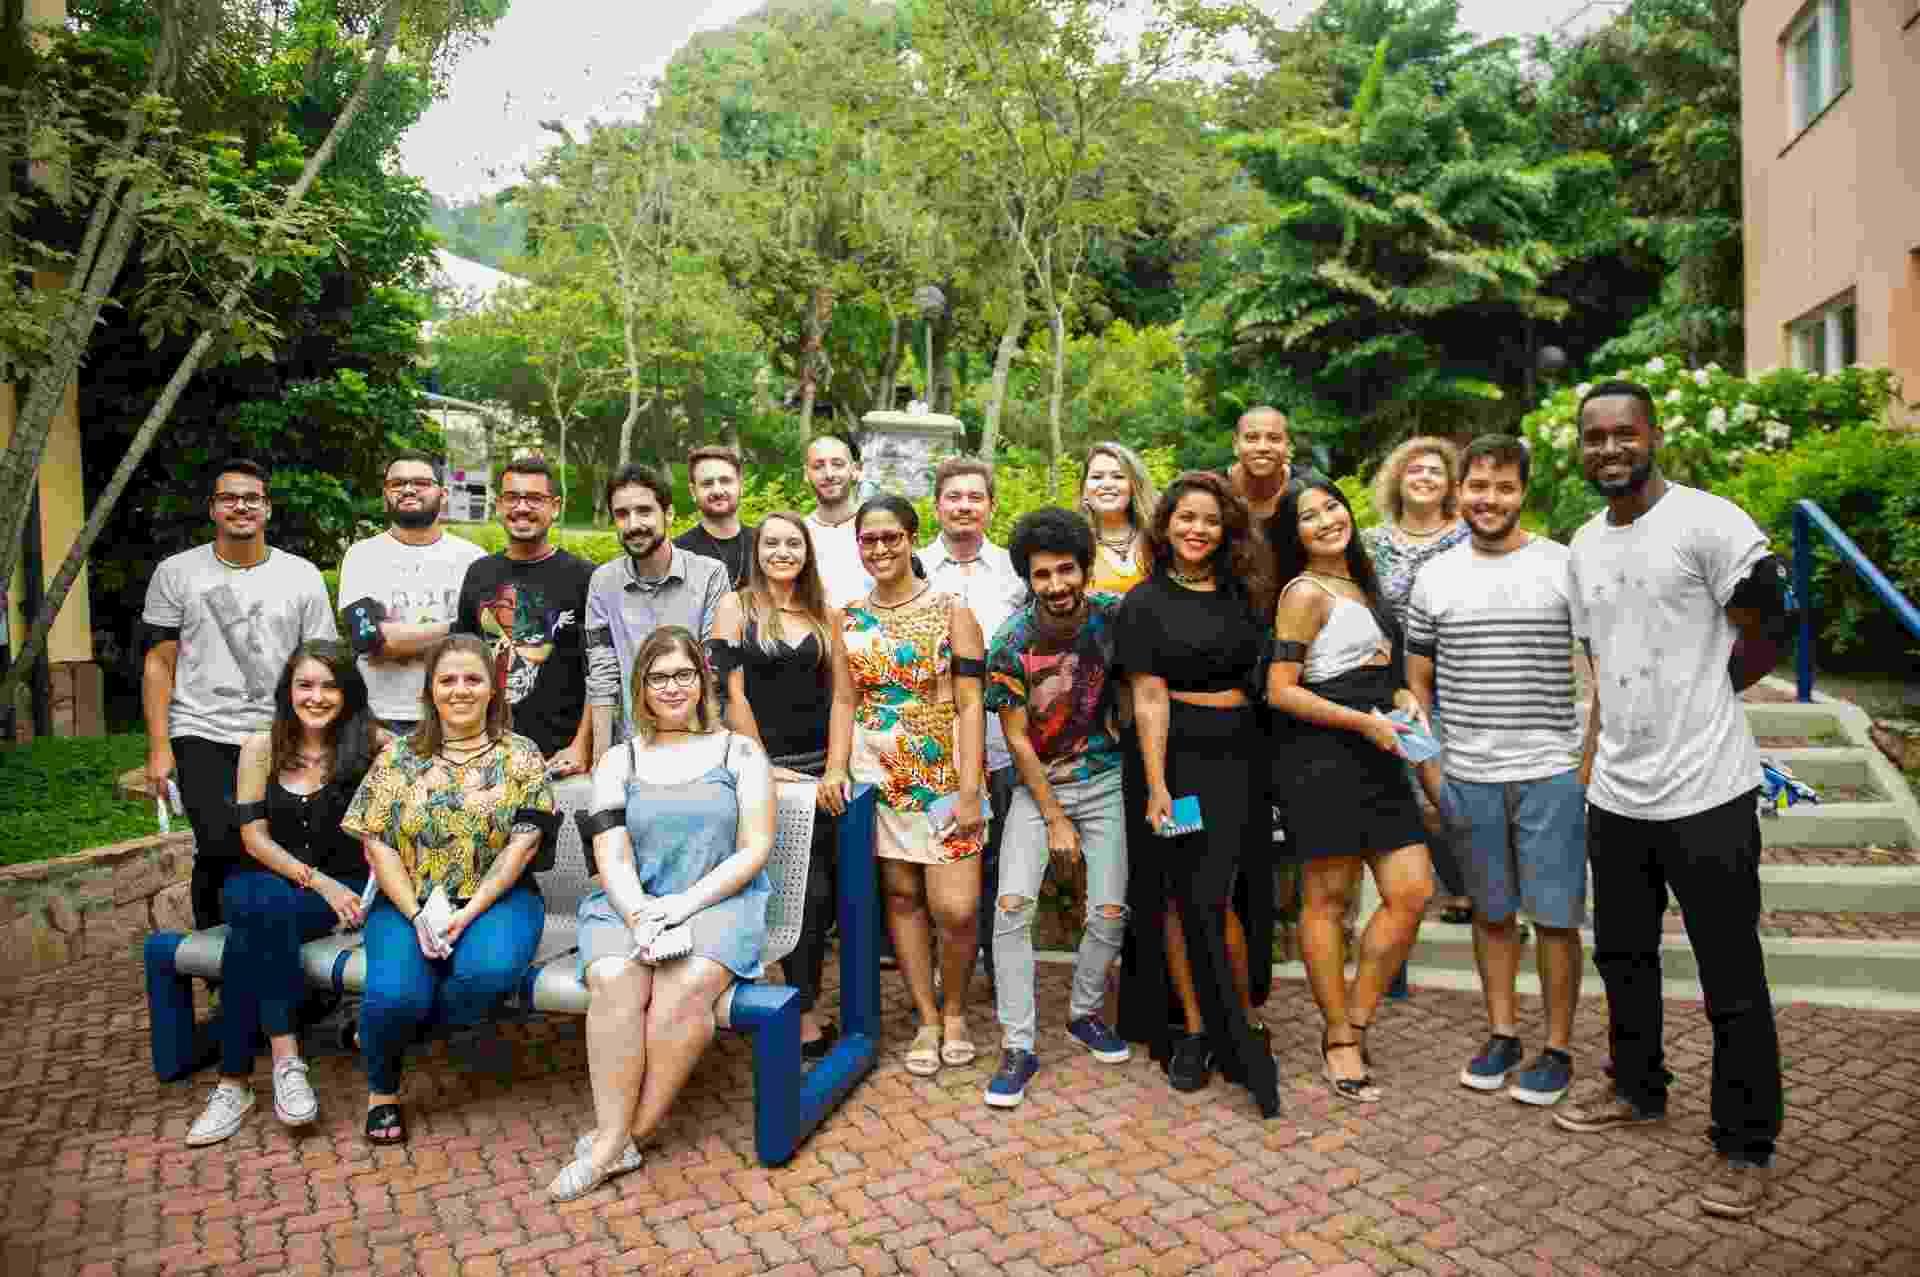 """""""BBB Experience"""": grupo de jornalistas e influenciadores digitais visitou a casa do """"Big Brother Brasil"""" - Divulgação/TV Globo"""